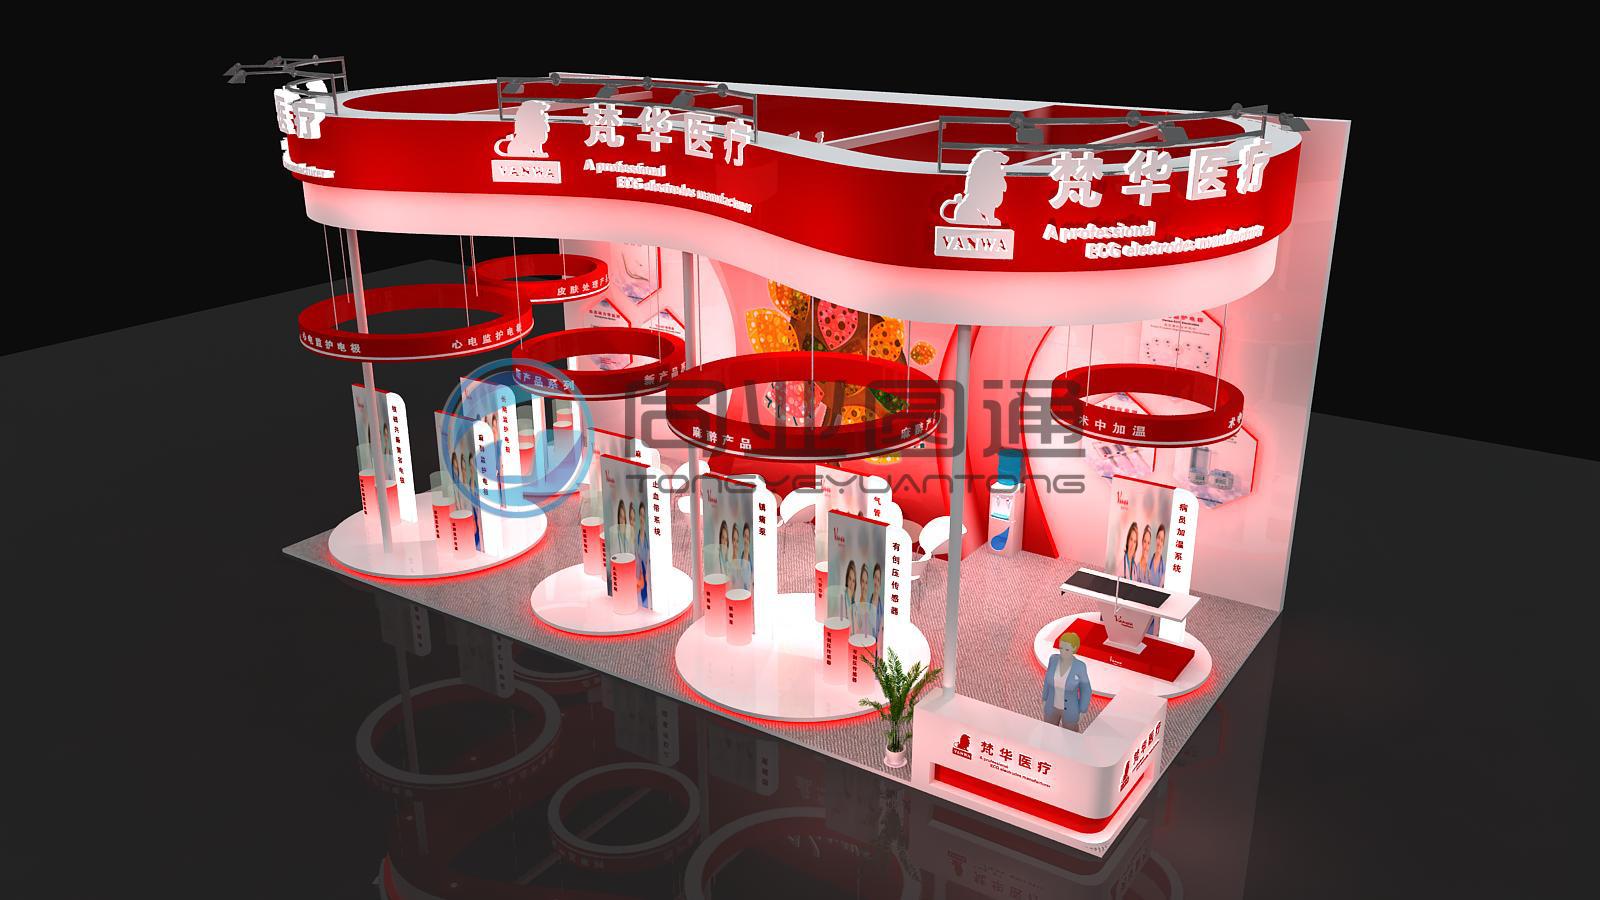 72平米高端医疗器械展台设计图